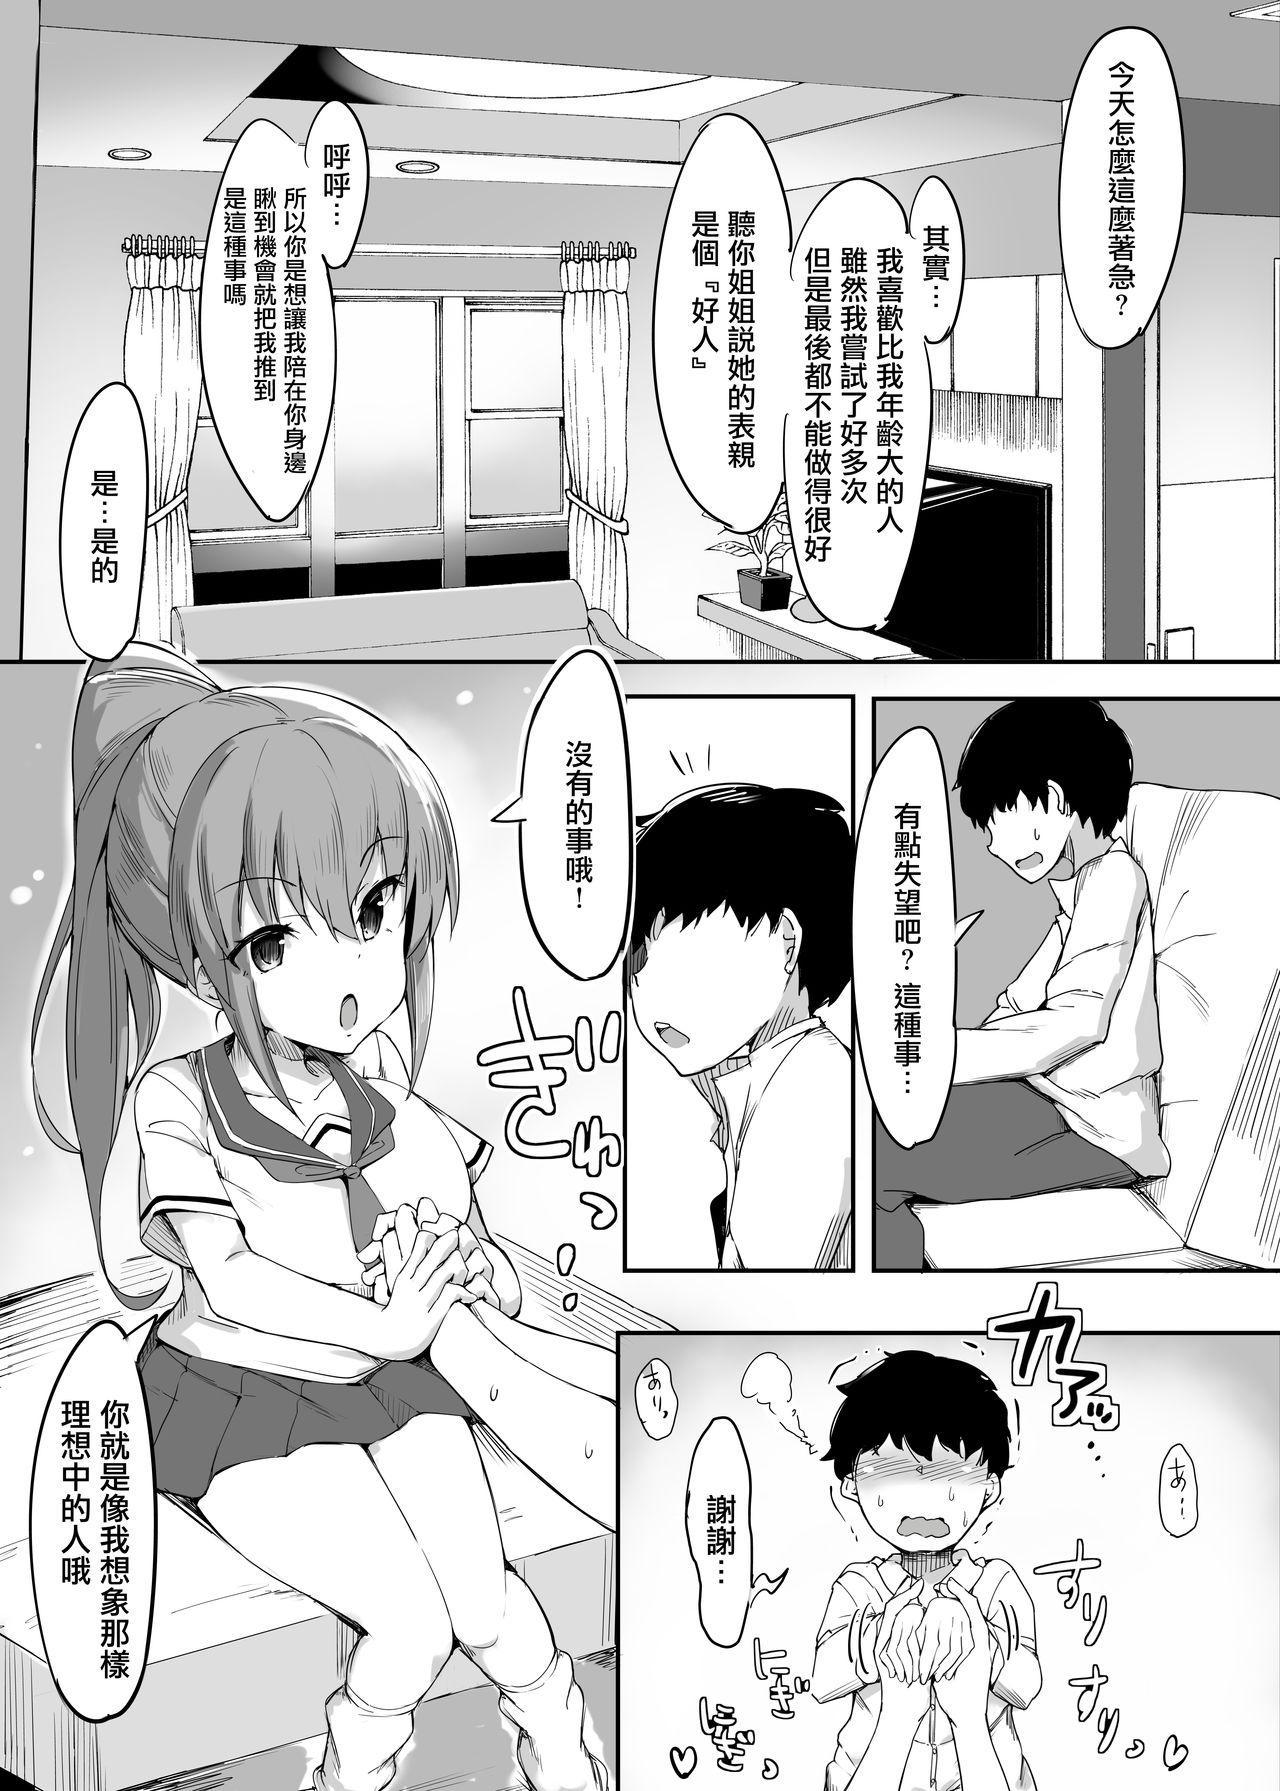 Hajimete no mitsugimazo ke choukyou- 5